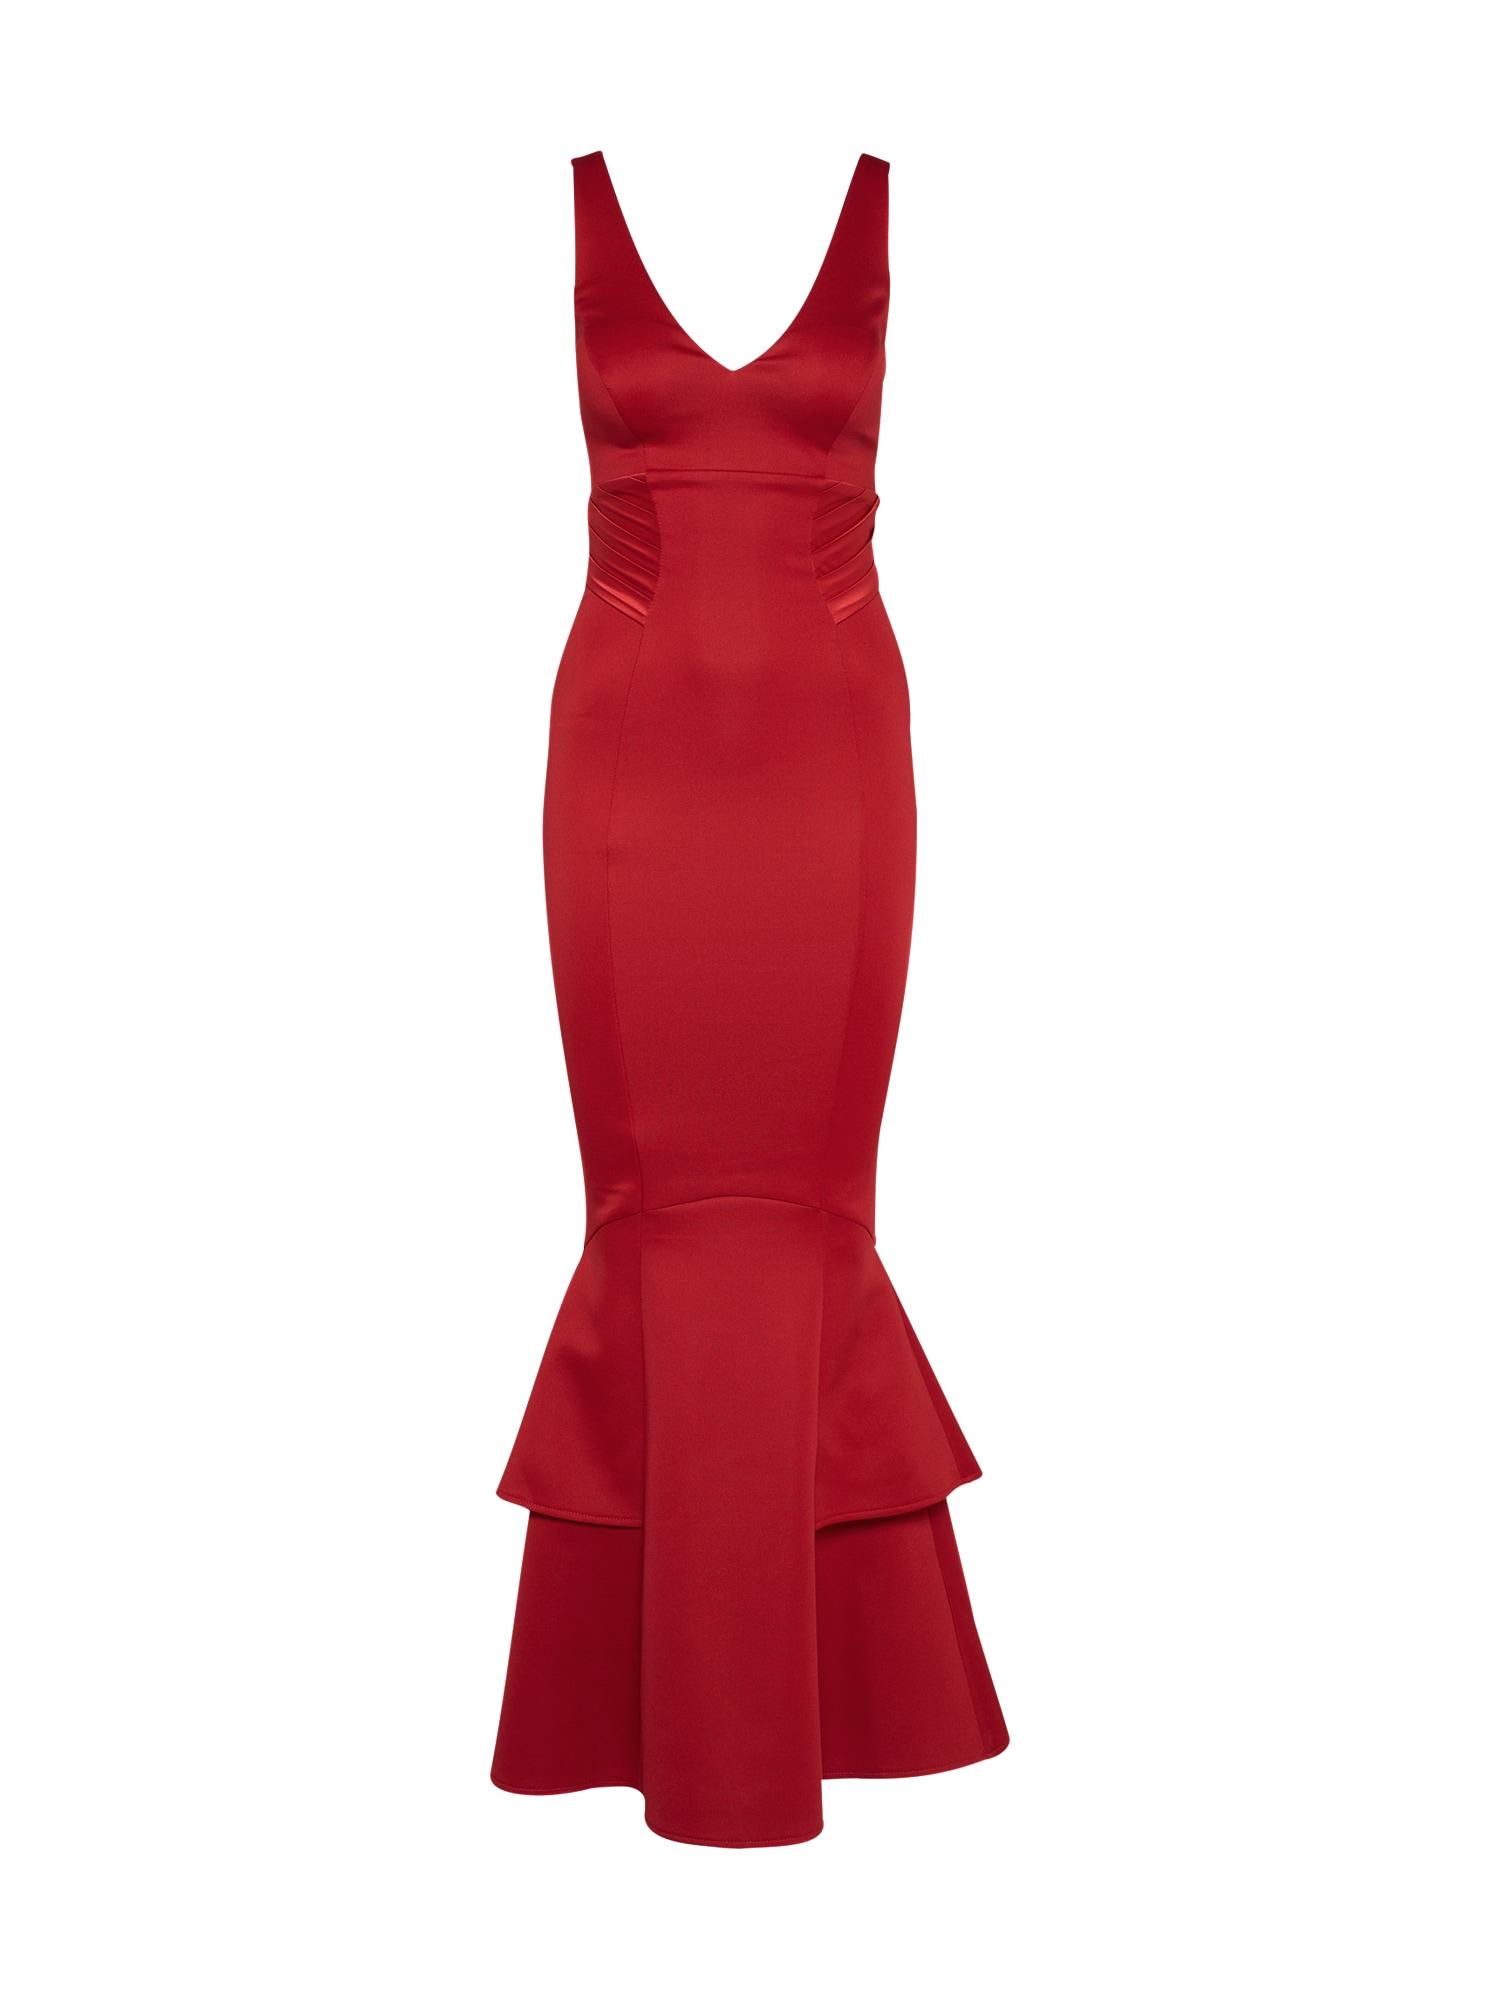 Společenské šaty Winter Red Satin vínově červená Lipsy